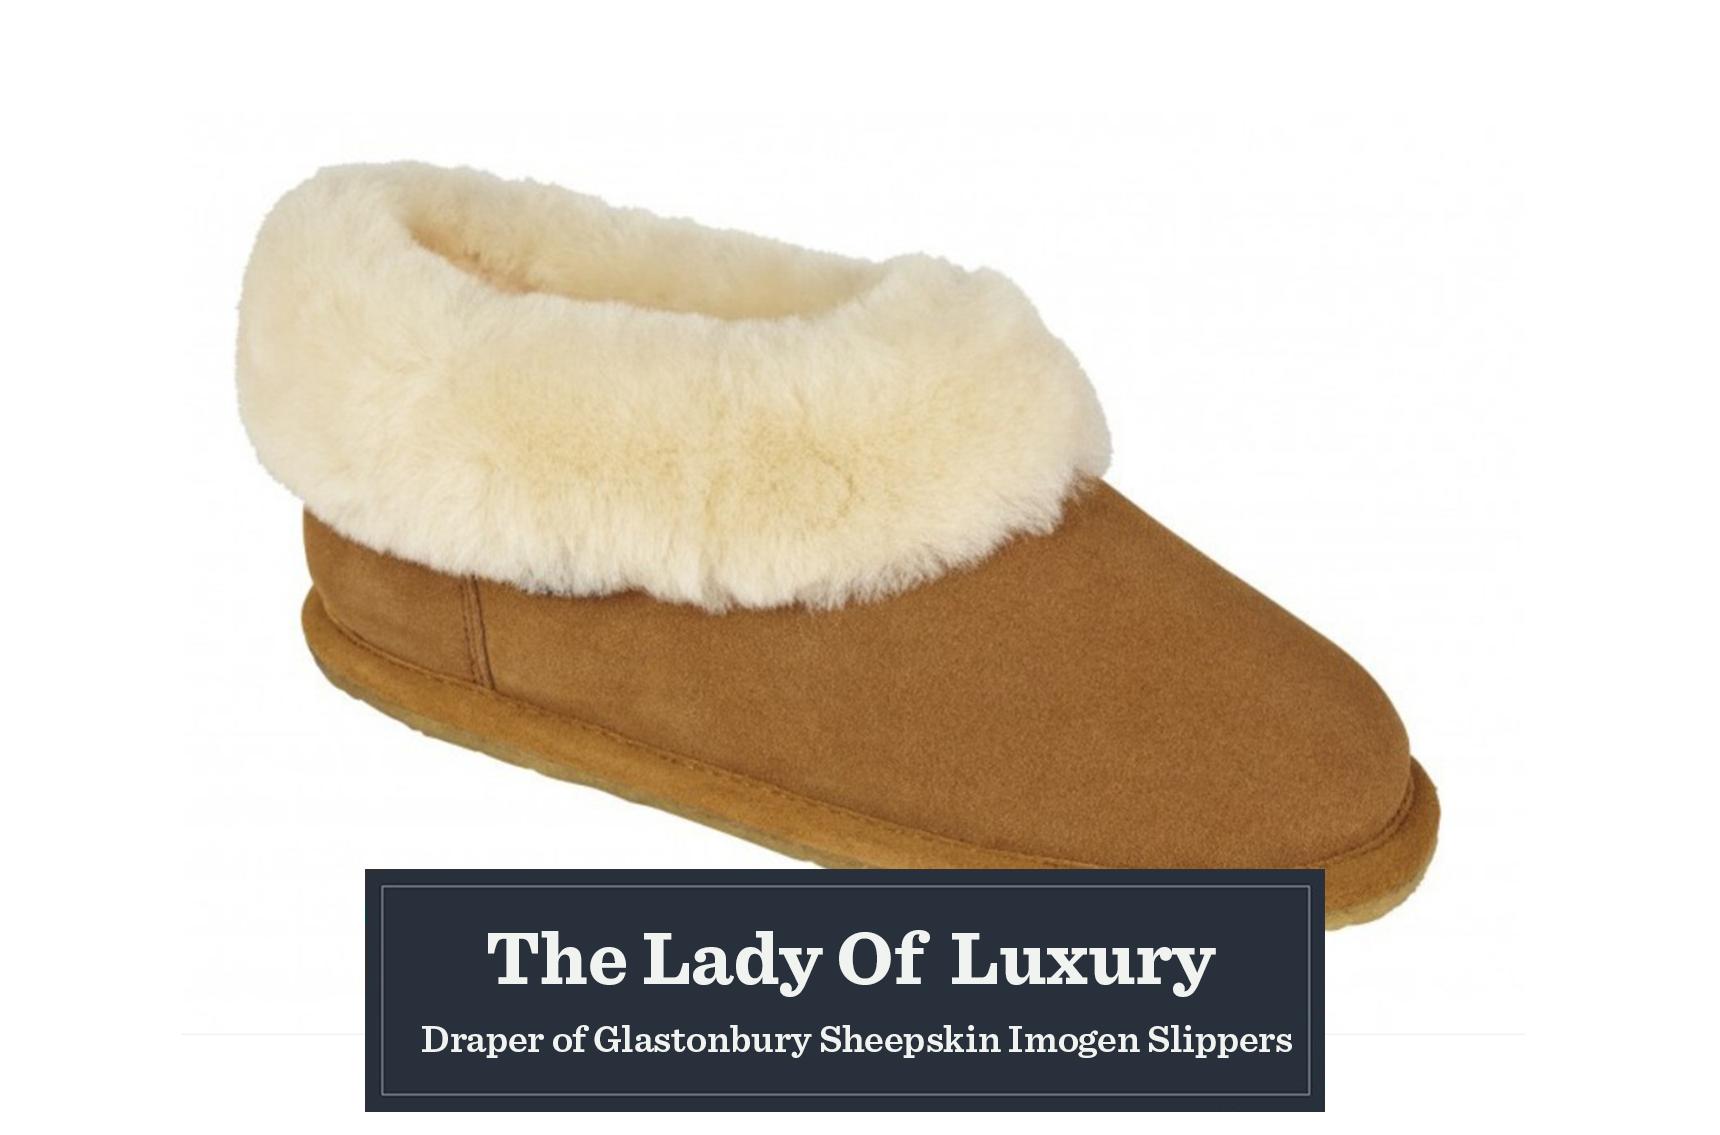 Draper of Glastonburry Sheepskin slippers gift